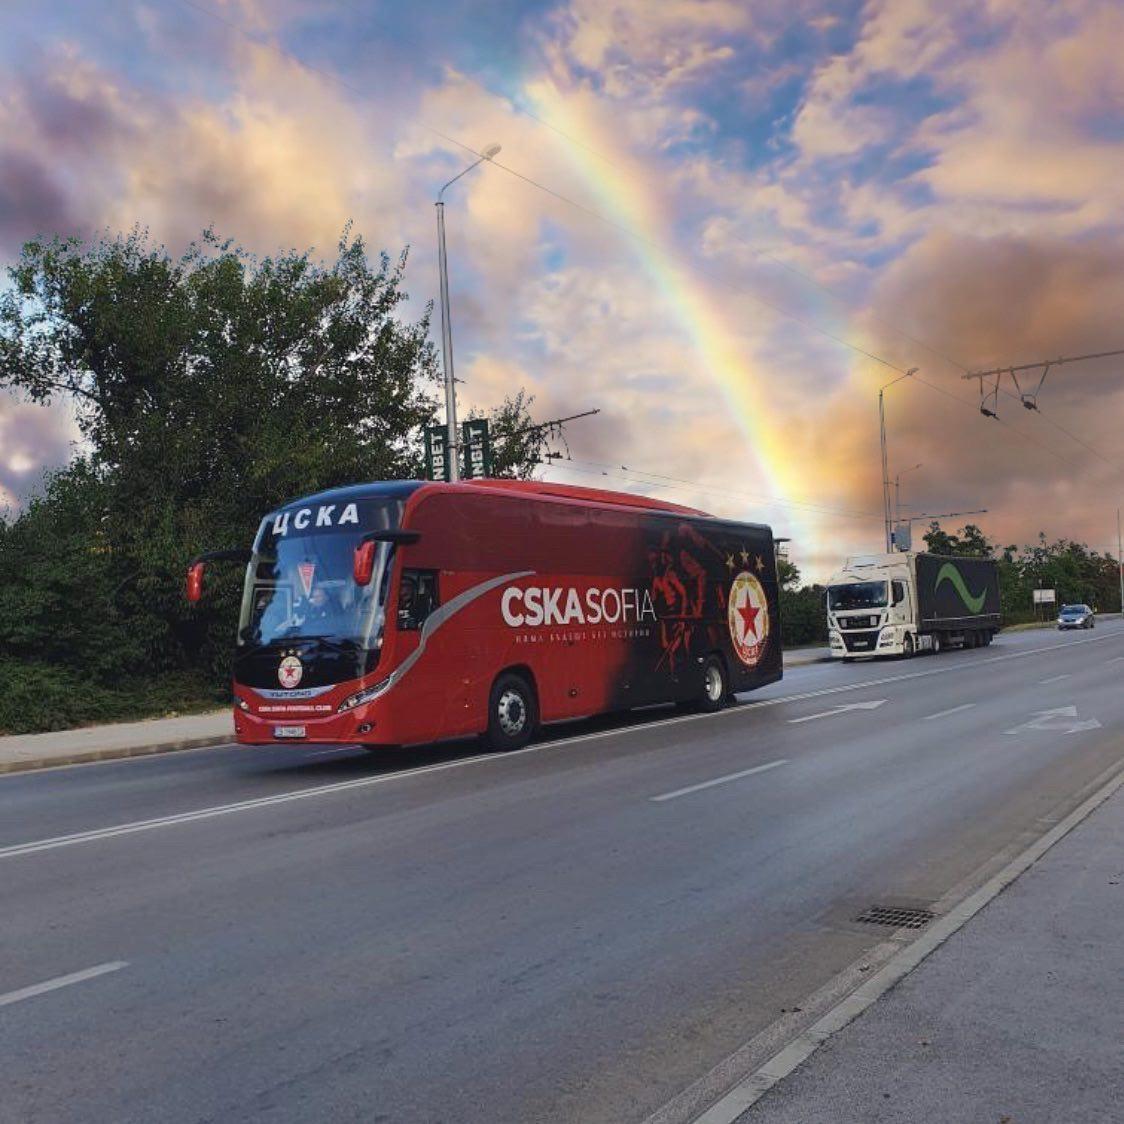 ЦСКА, Автобус